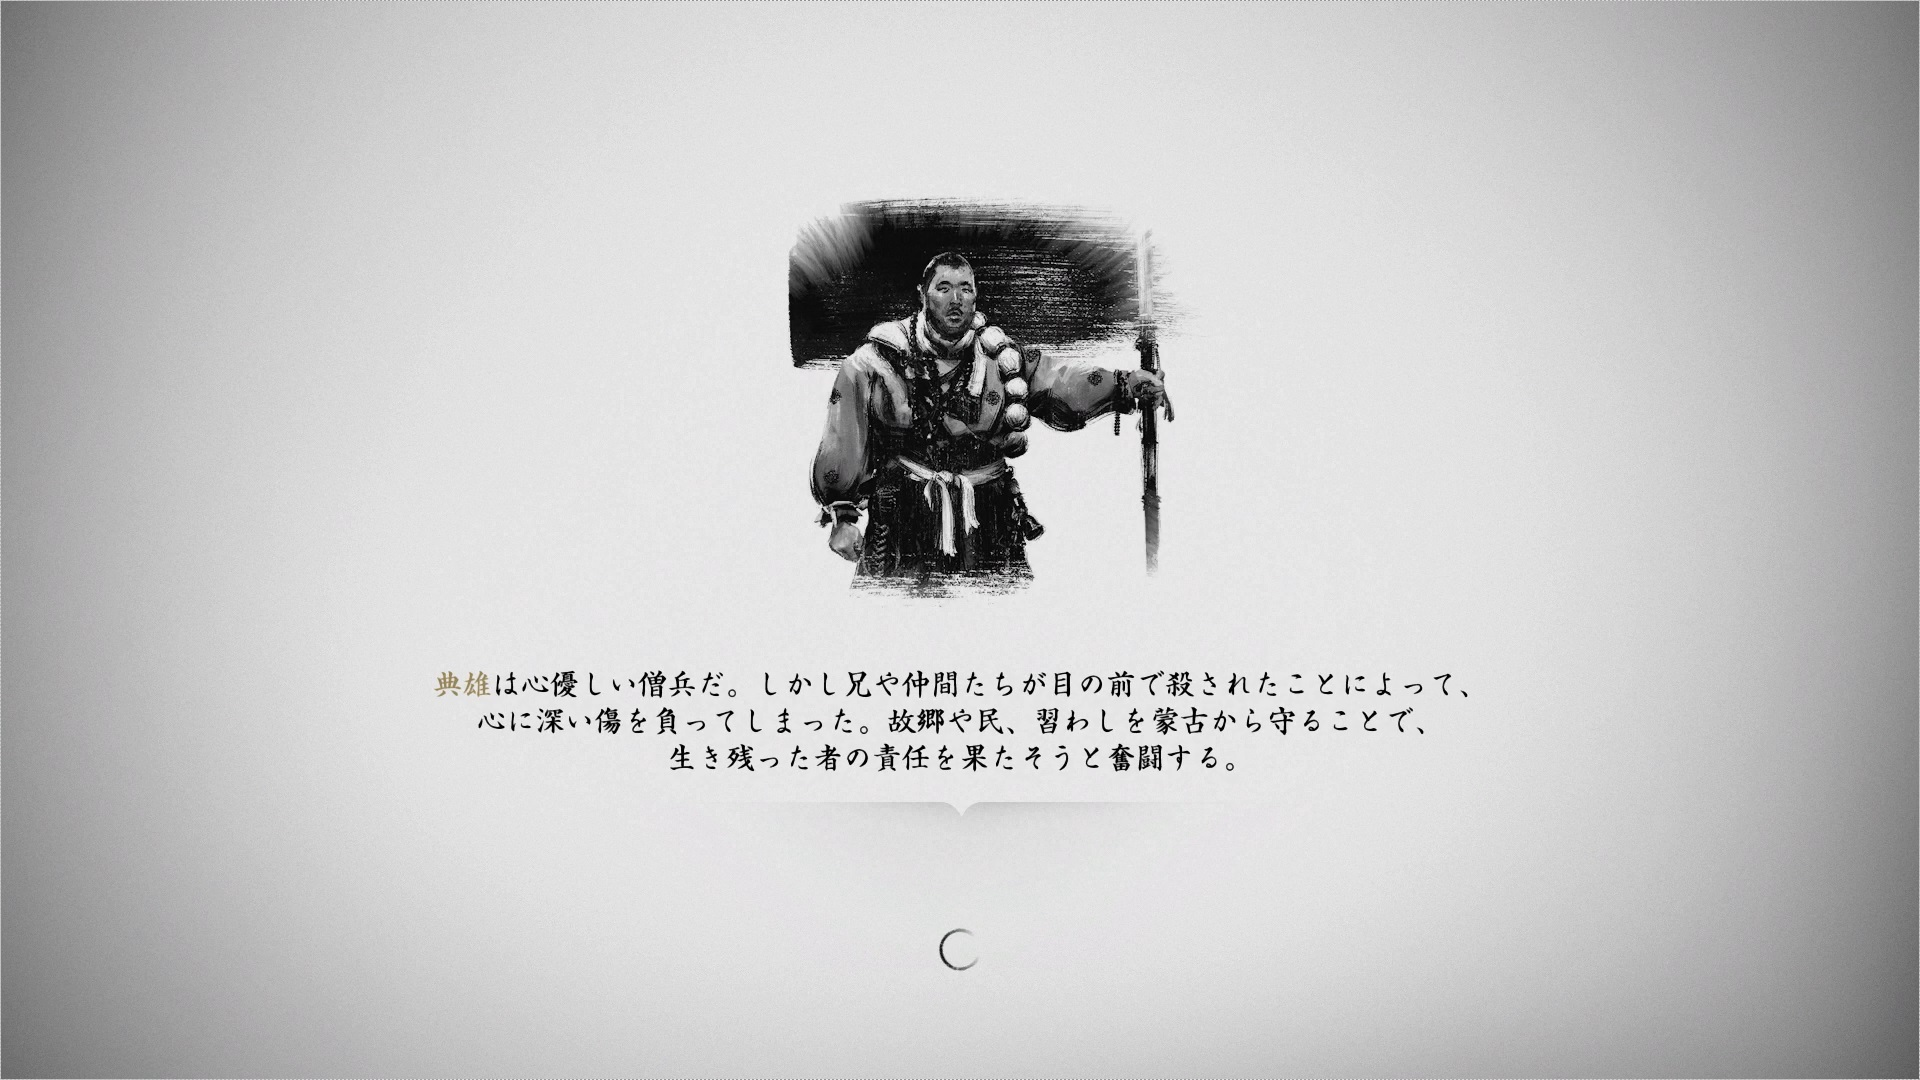 典雄は心優しい僧兵だ。しかし兄や仲間たちが目の前で殺されたことによって、心に深い傷を負ってしまった。故郷や民、習わしを蒙古から守ることで、生き残った者の責任を果たそうと奮闘する。